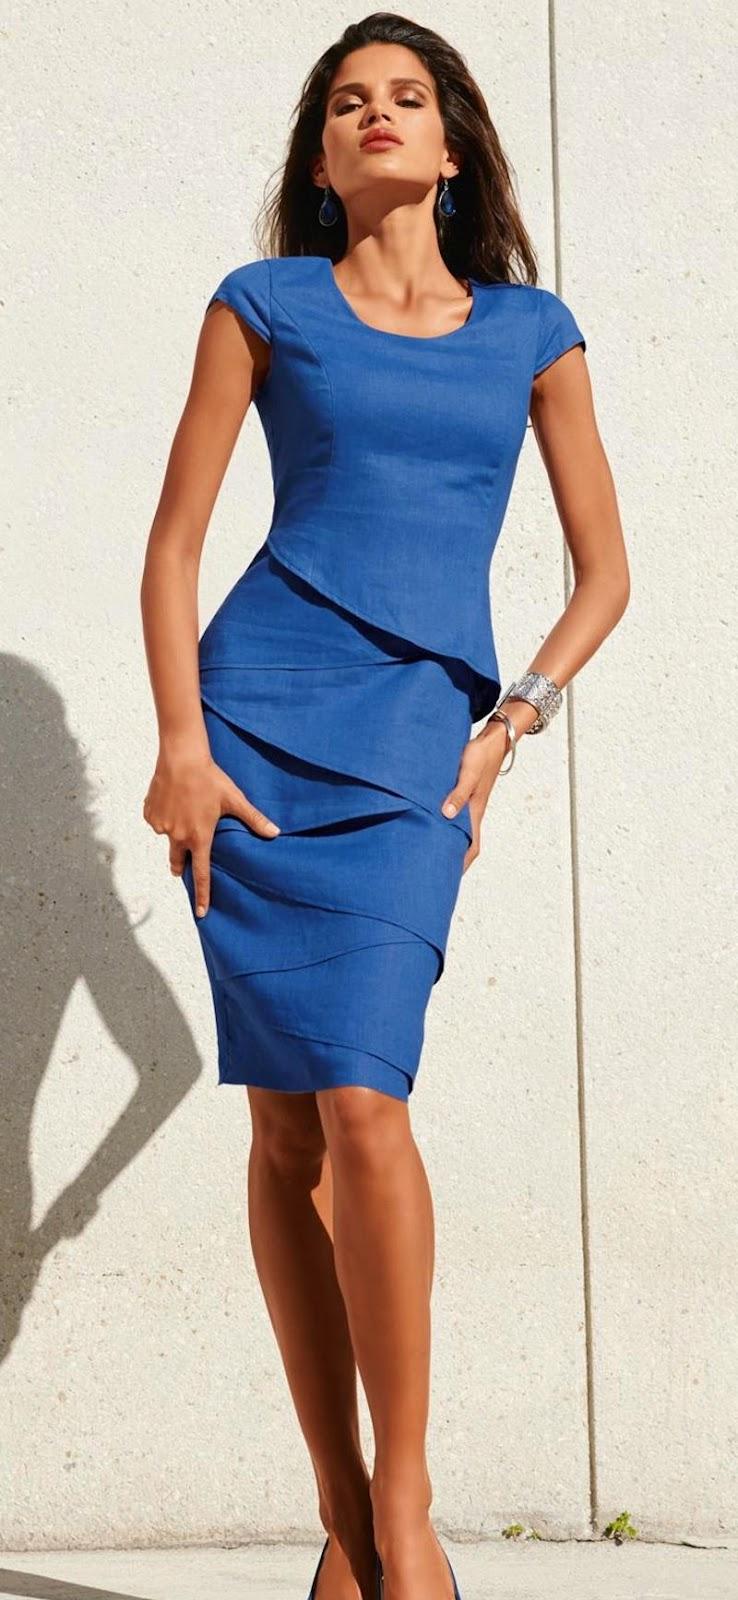 MADELEINE LINEN DRESS IN BLUE